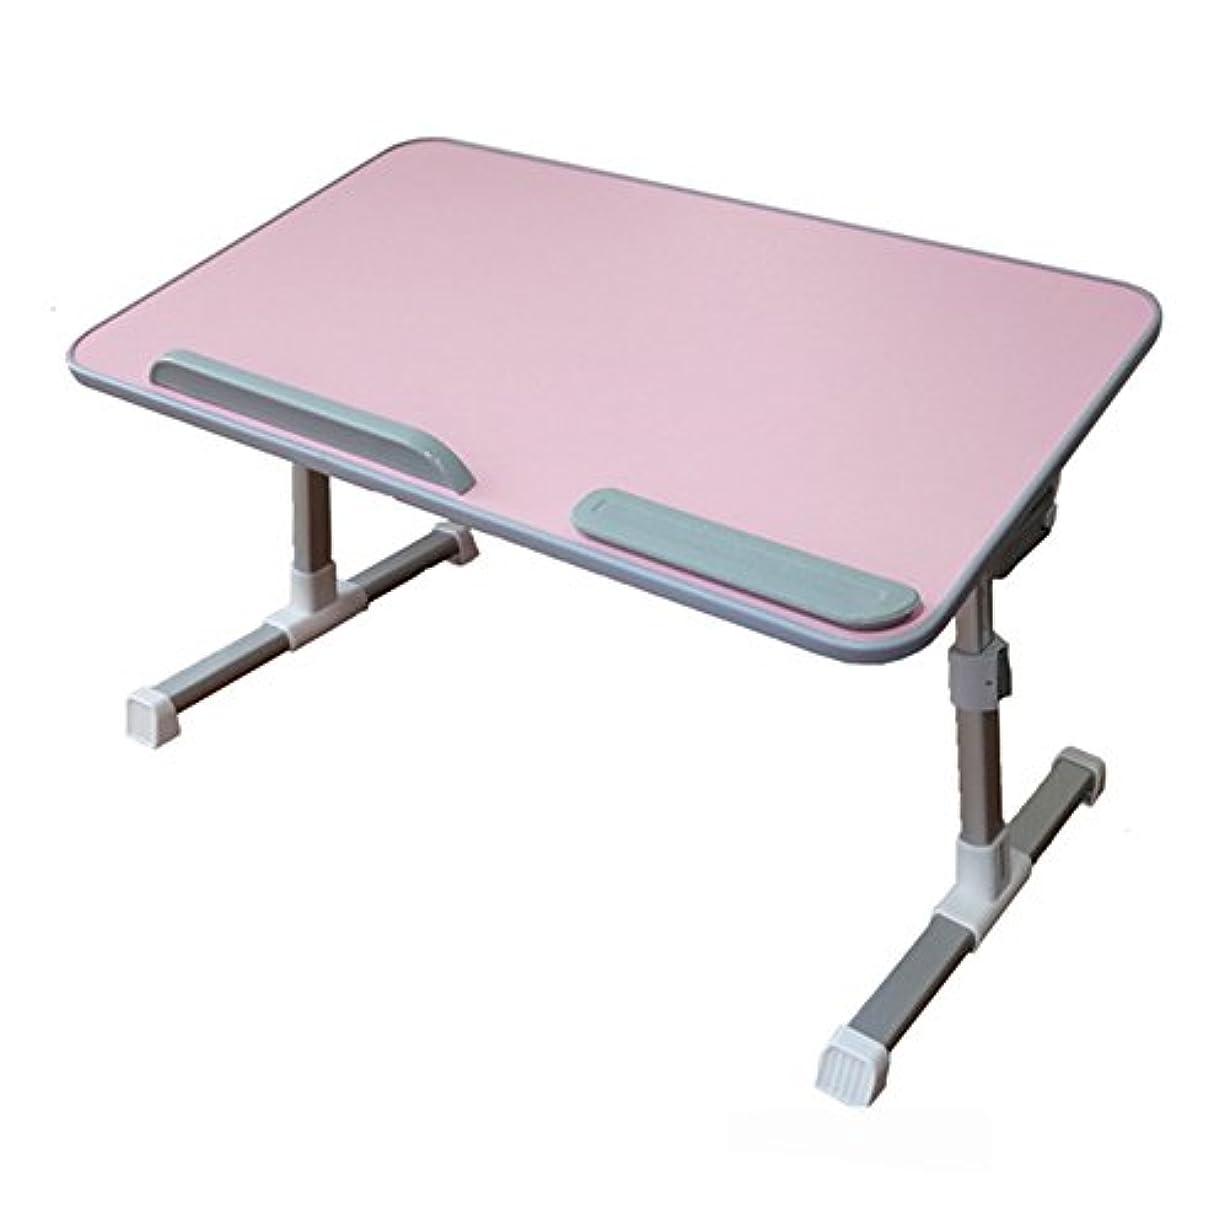 信頼性航空便元気なLJHA zhuozi 折りたたみテーブル/舞台/携帯/リムーバブル/コンピュータテーブル/ダイニングテーブル (色 : D, サイズ さいず : 60*33CM)